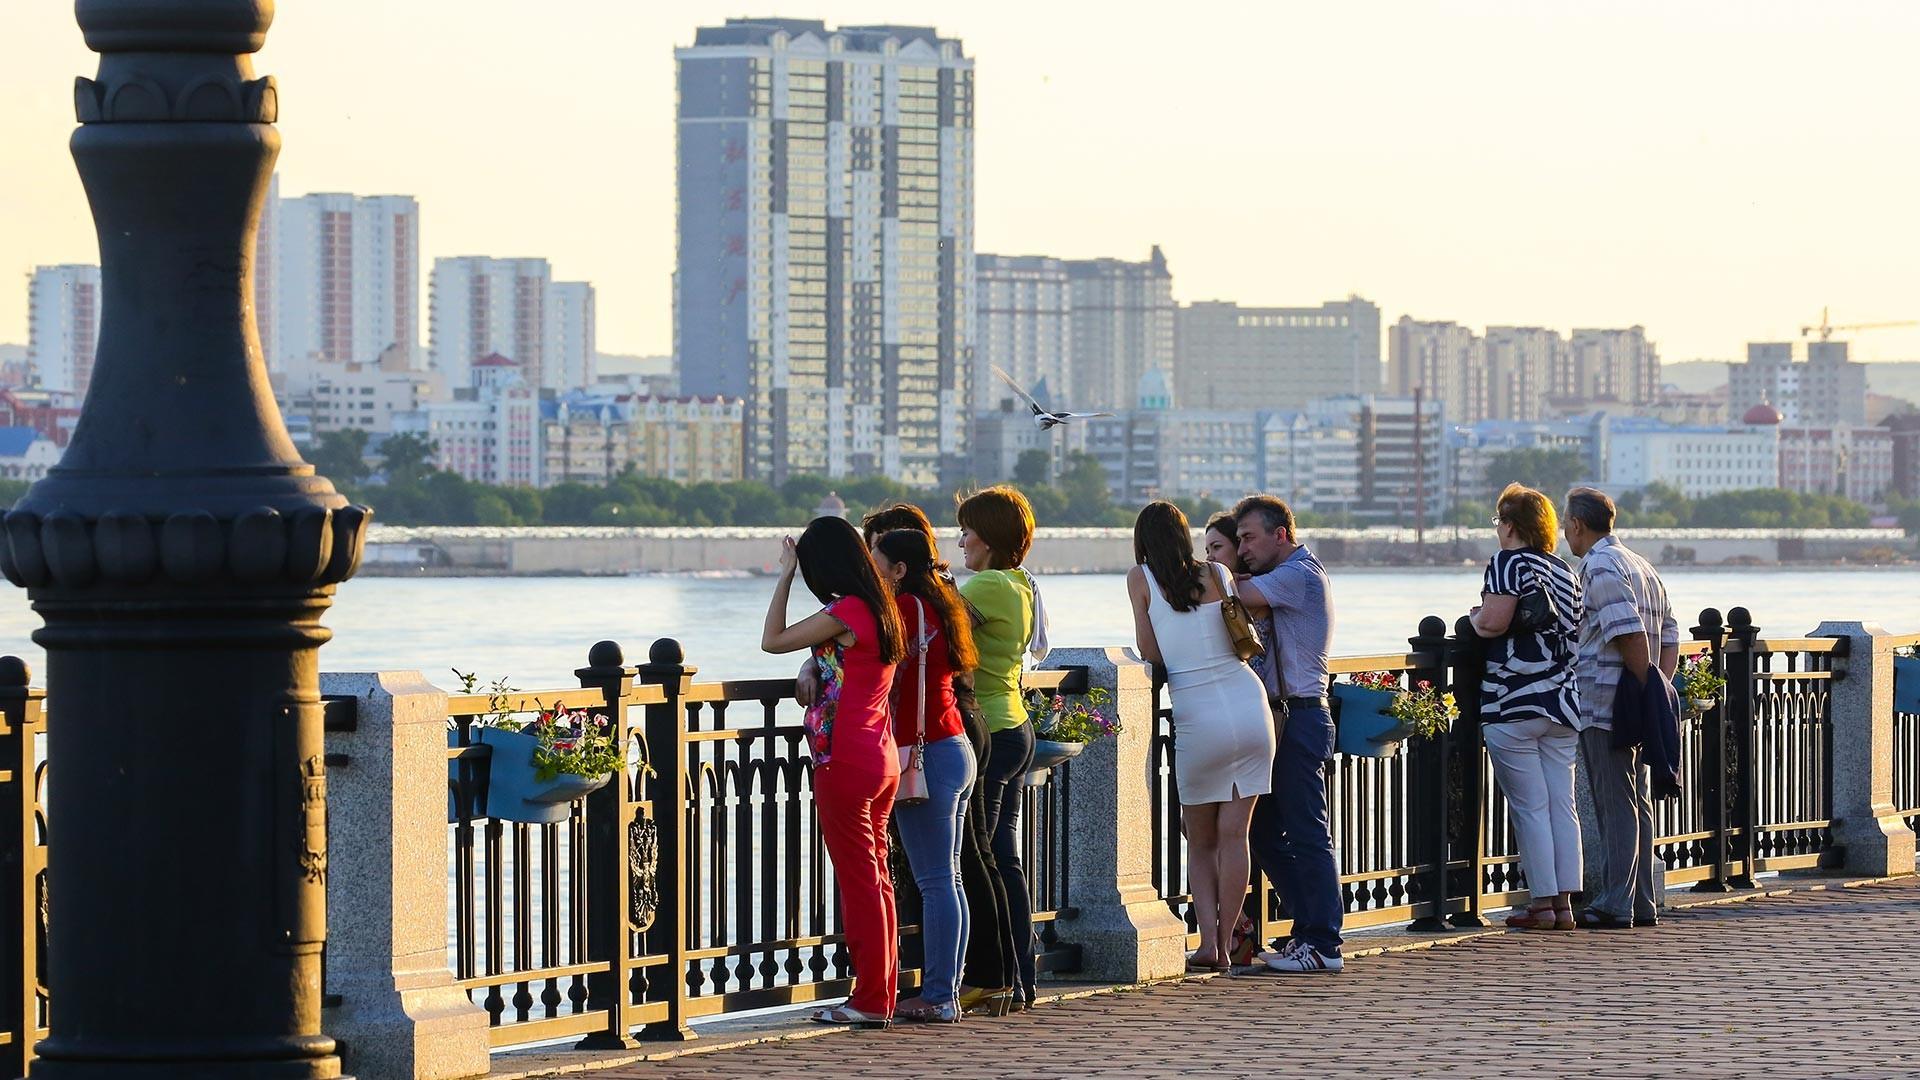 Blagoveschensk. Vista da margem do rio Amur e da cidade de Heihe (China)